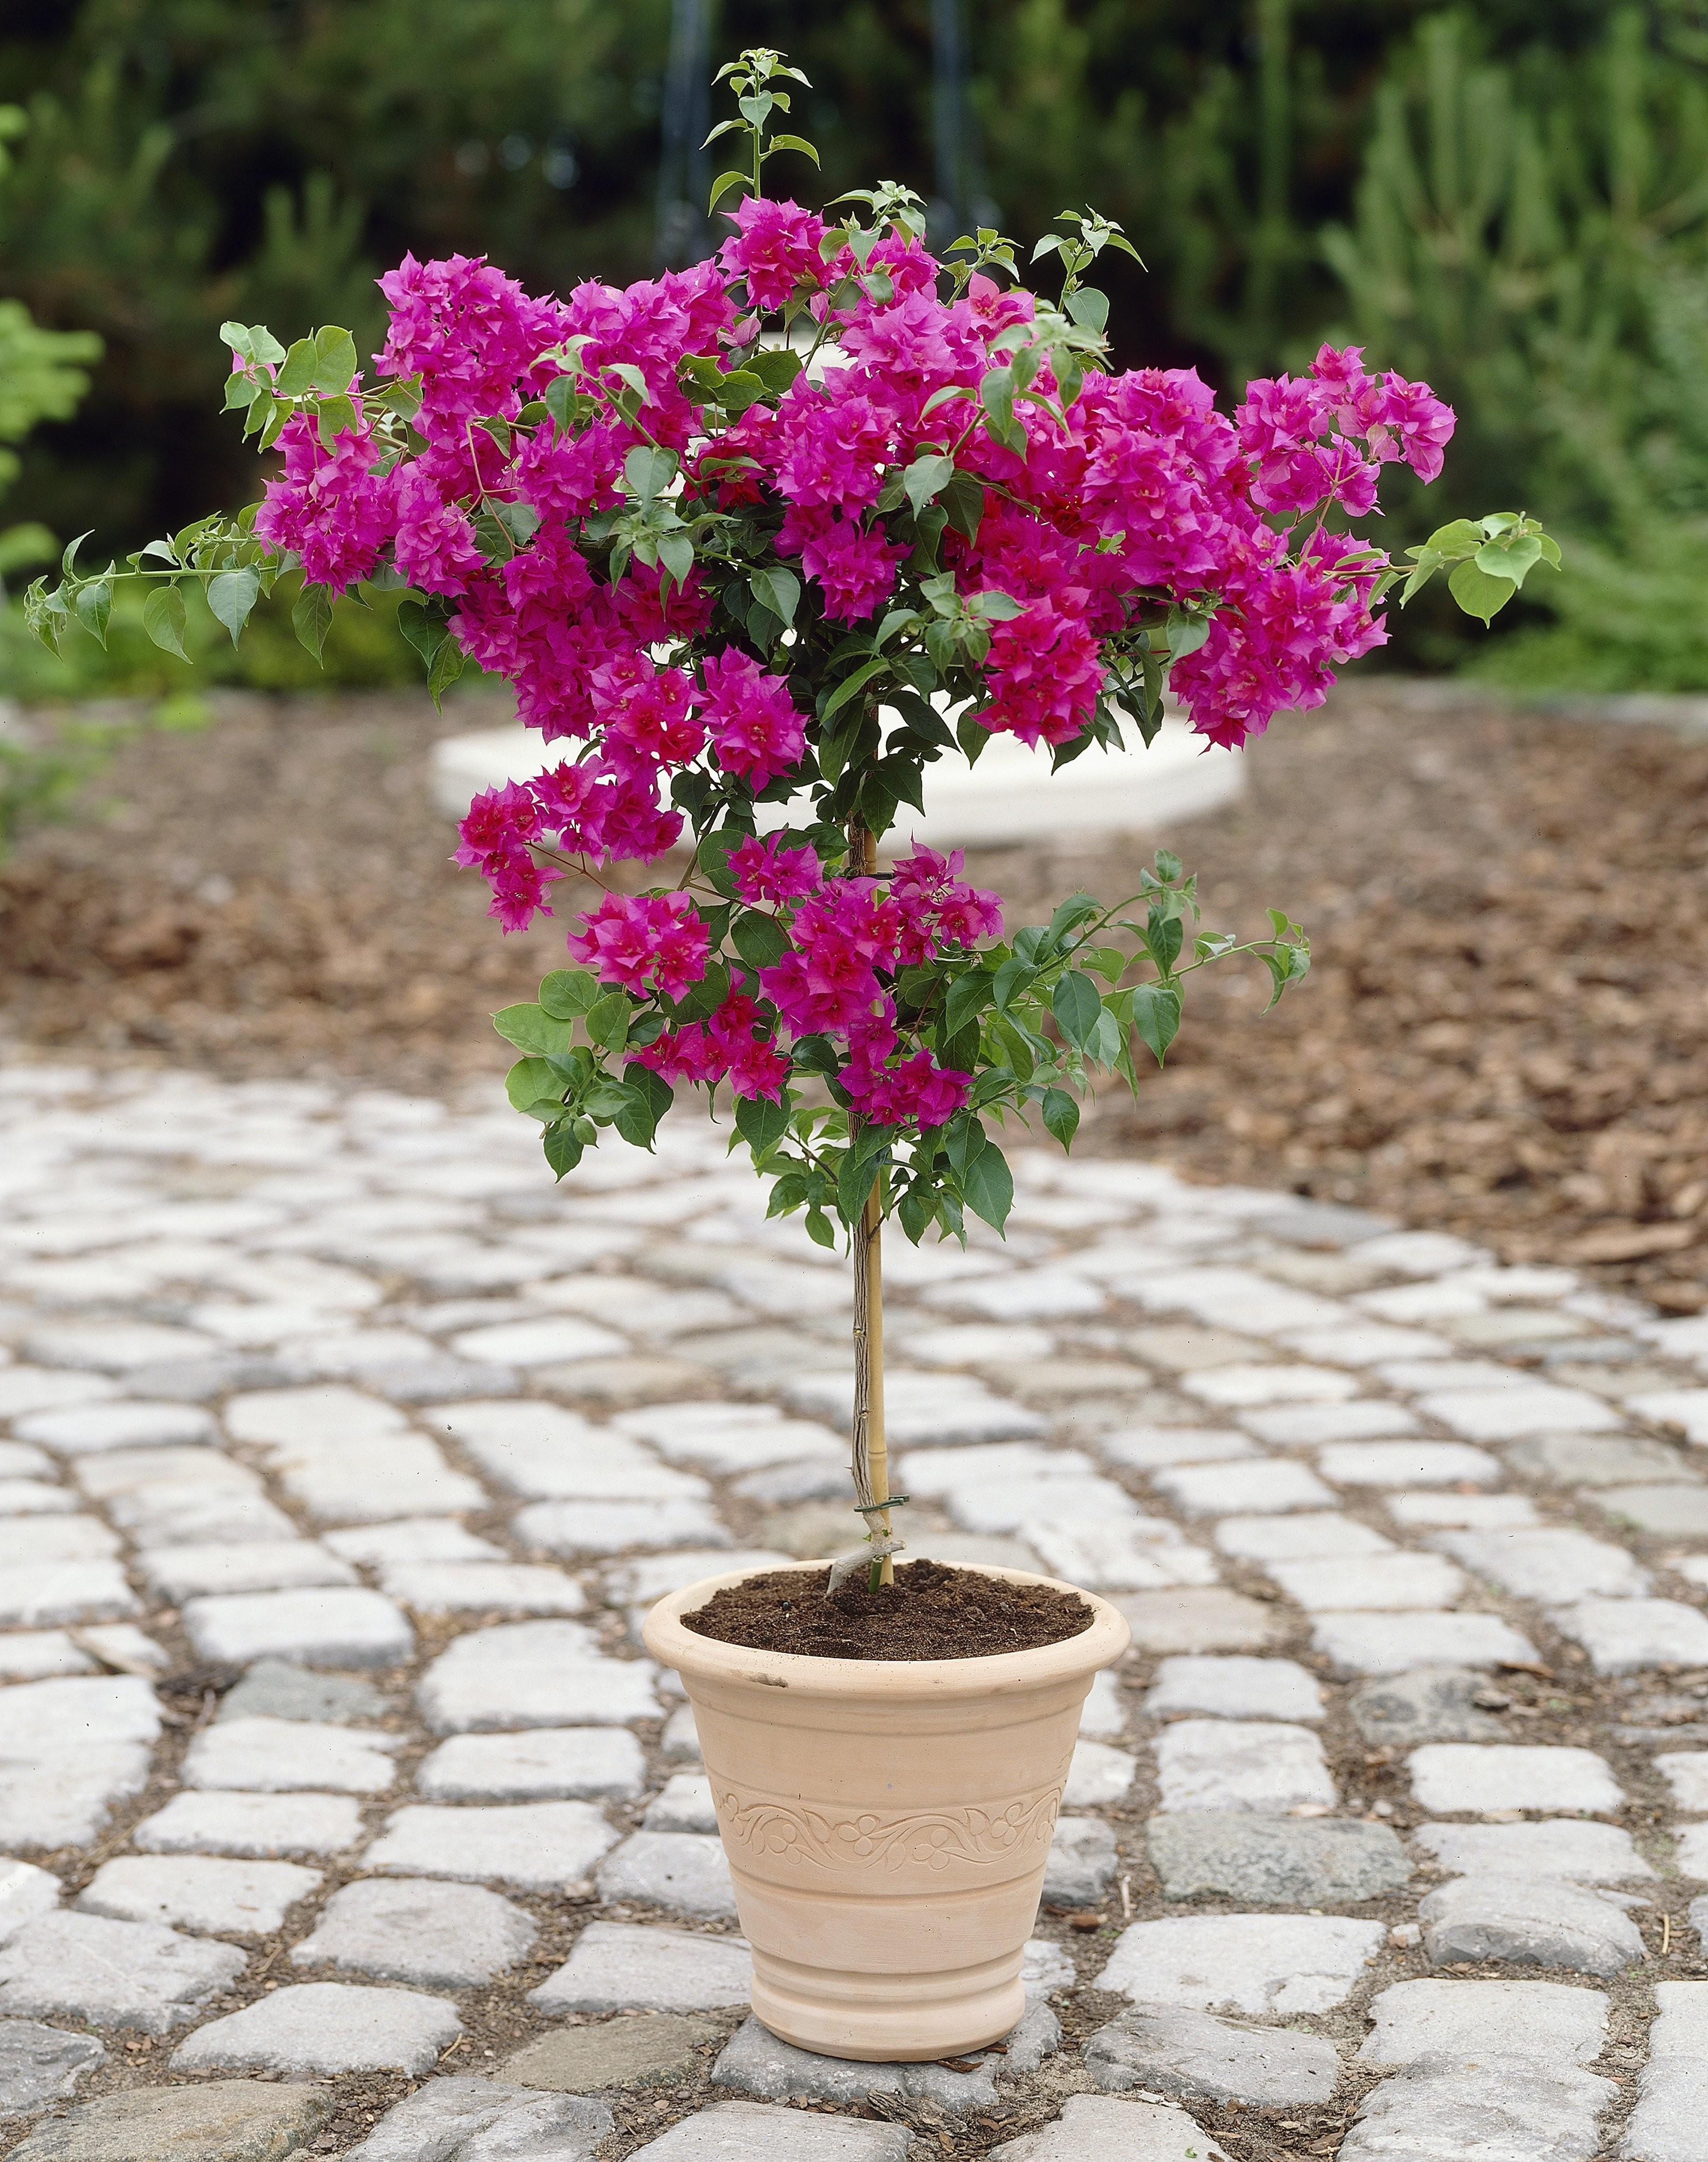 Patio Tree in Bud \u0026 Bloom